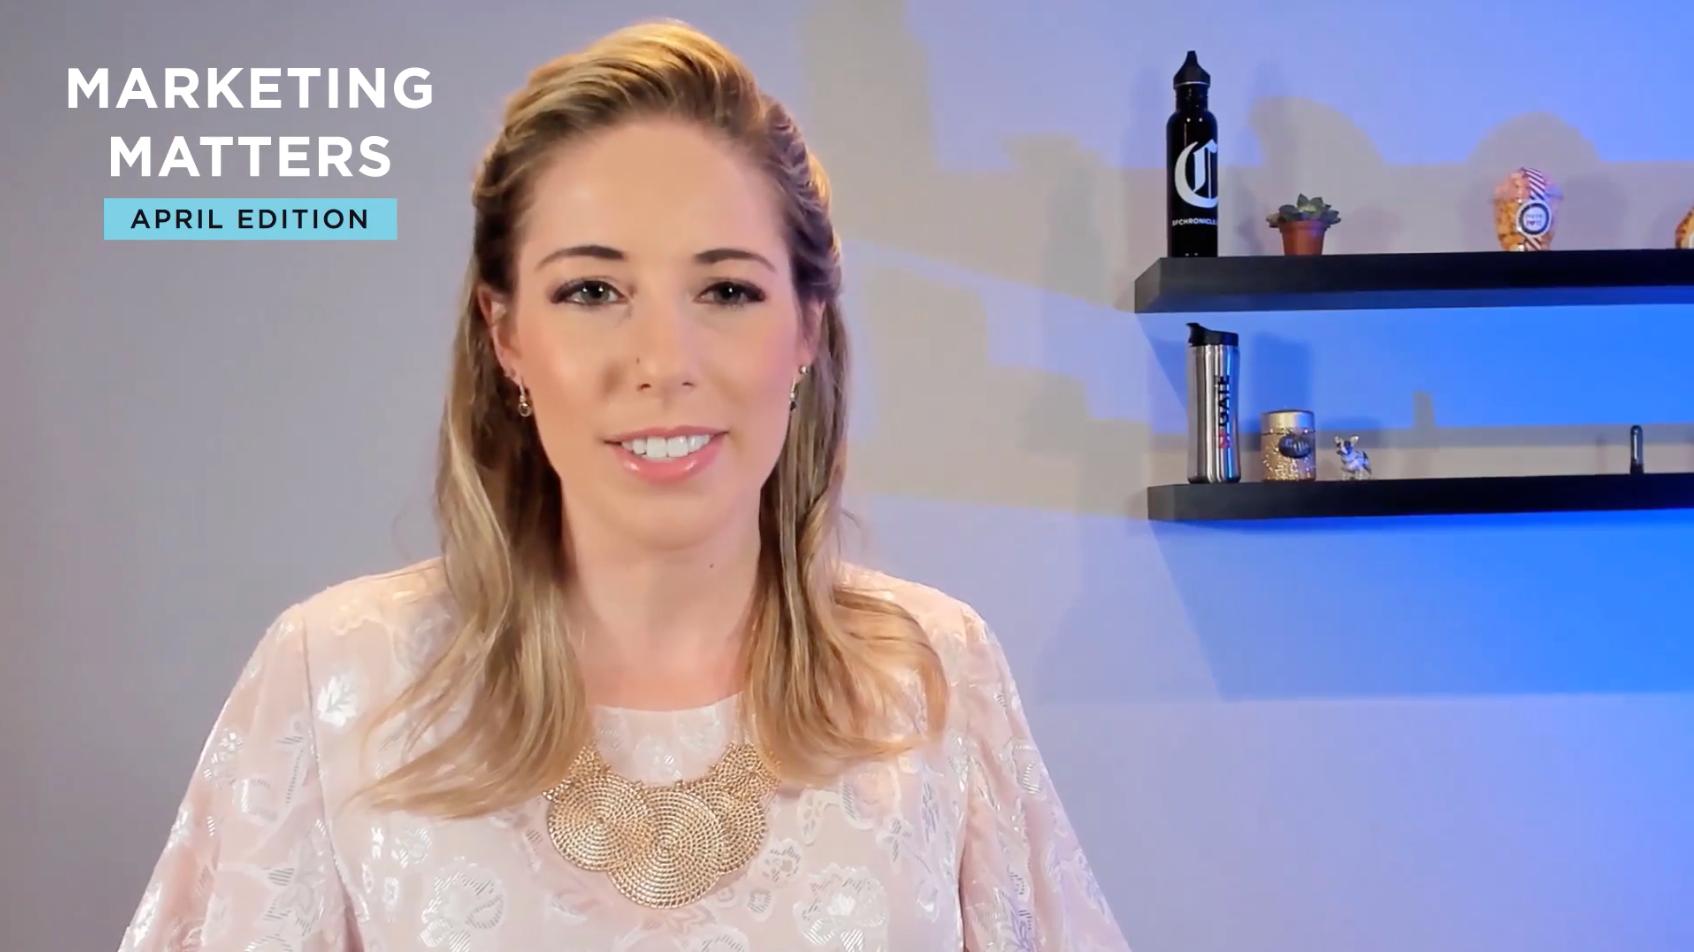 HBA-MarketingMatters-Video-April2020-Personalization